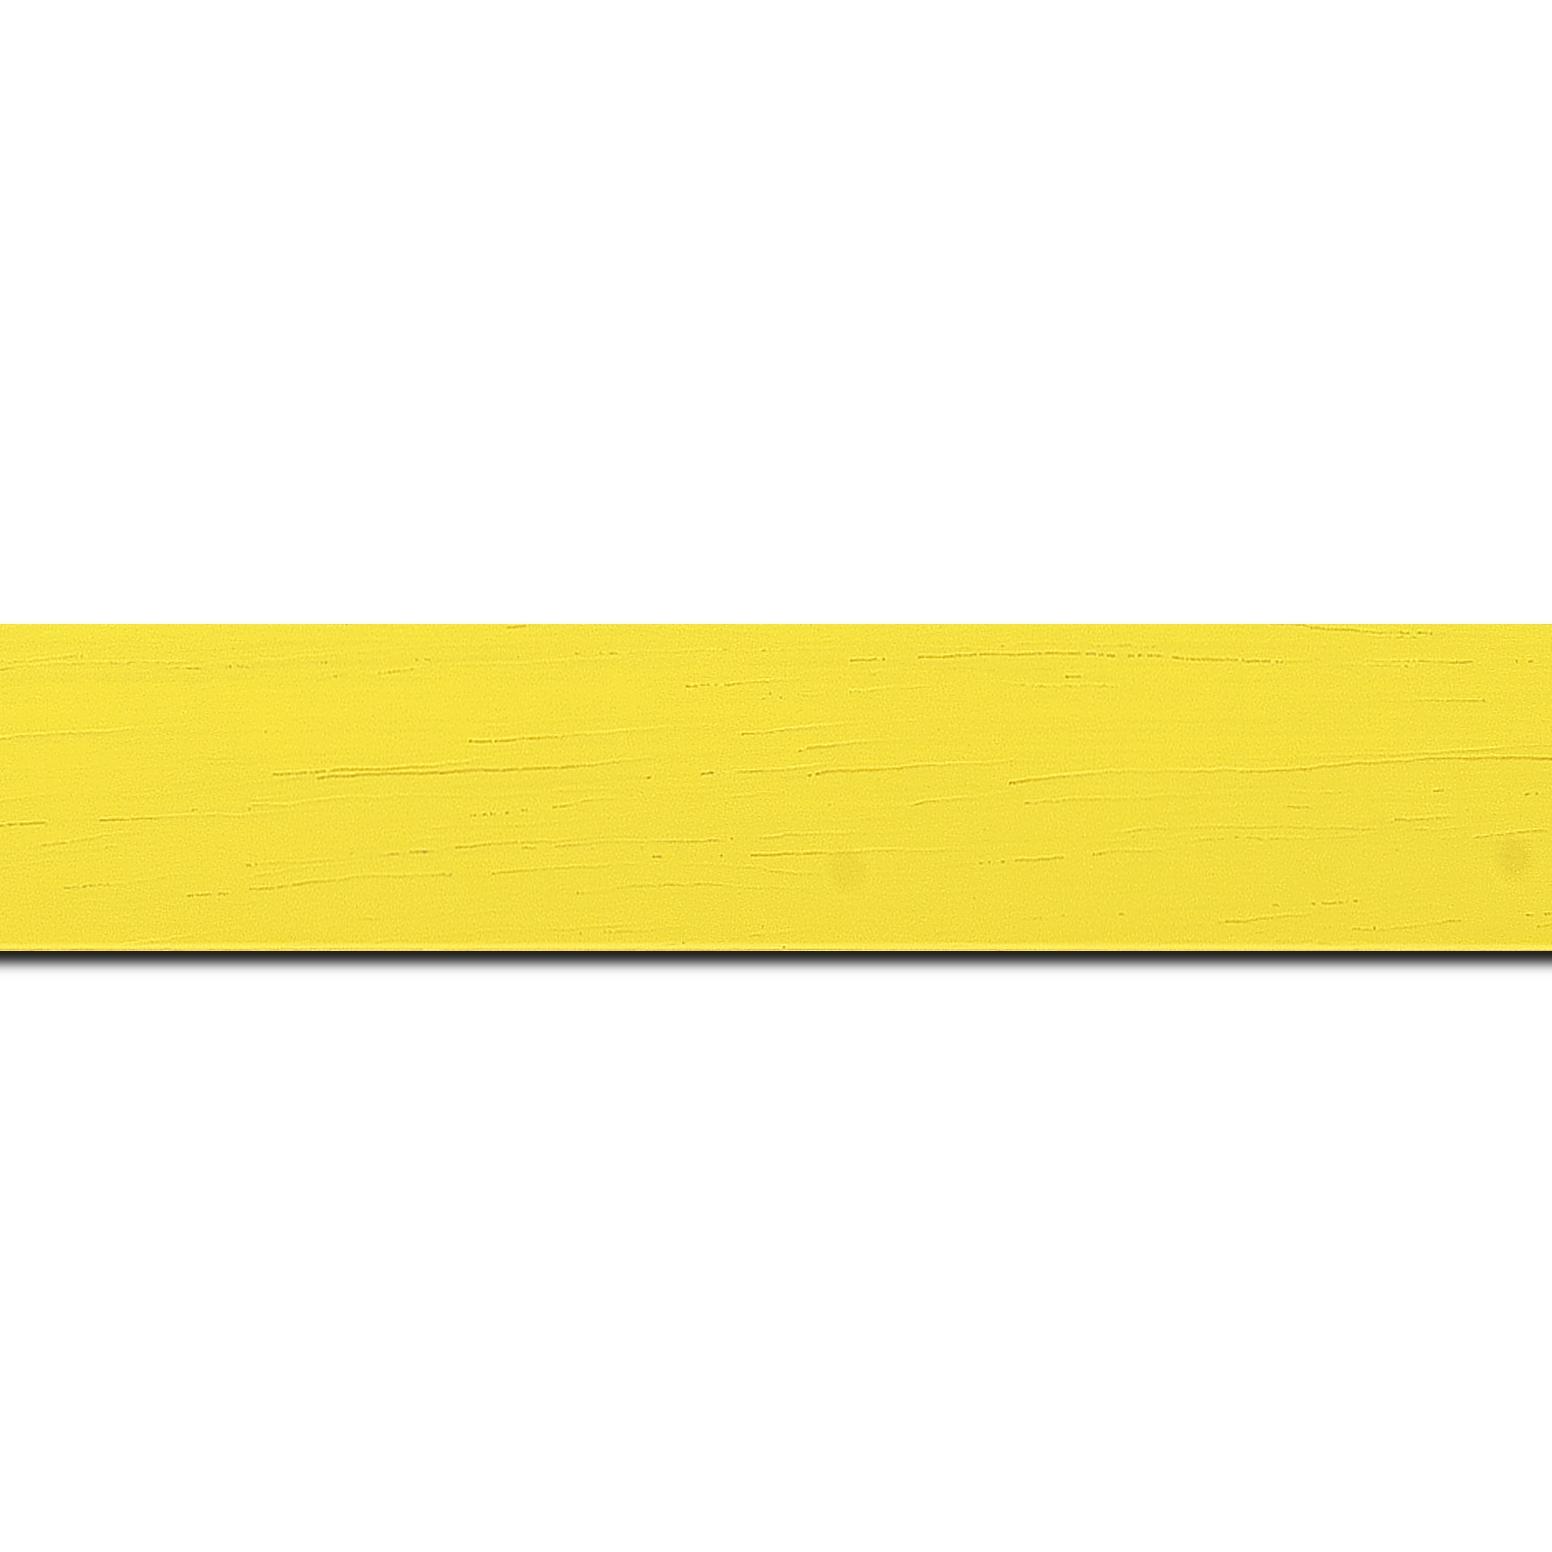 Pack par 12m, bois profil plat largeur 3cm couleur jaune tonique satiné (longueur baguette pouvant varier entre 2.40m et 3m selon arrivage des bois)